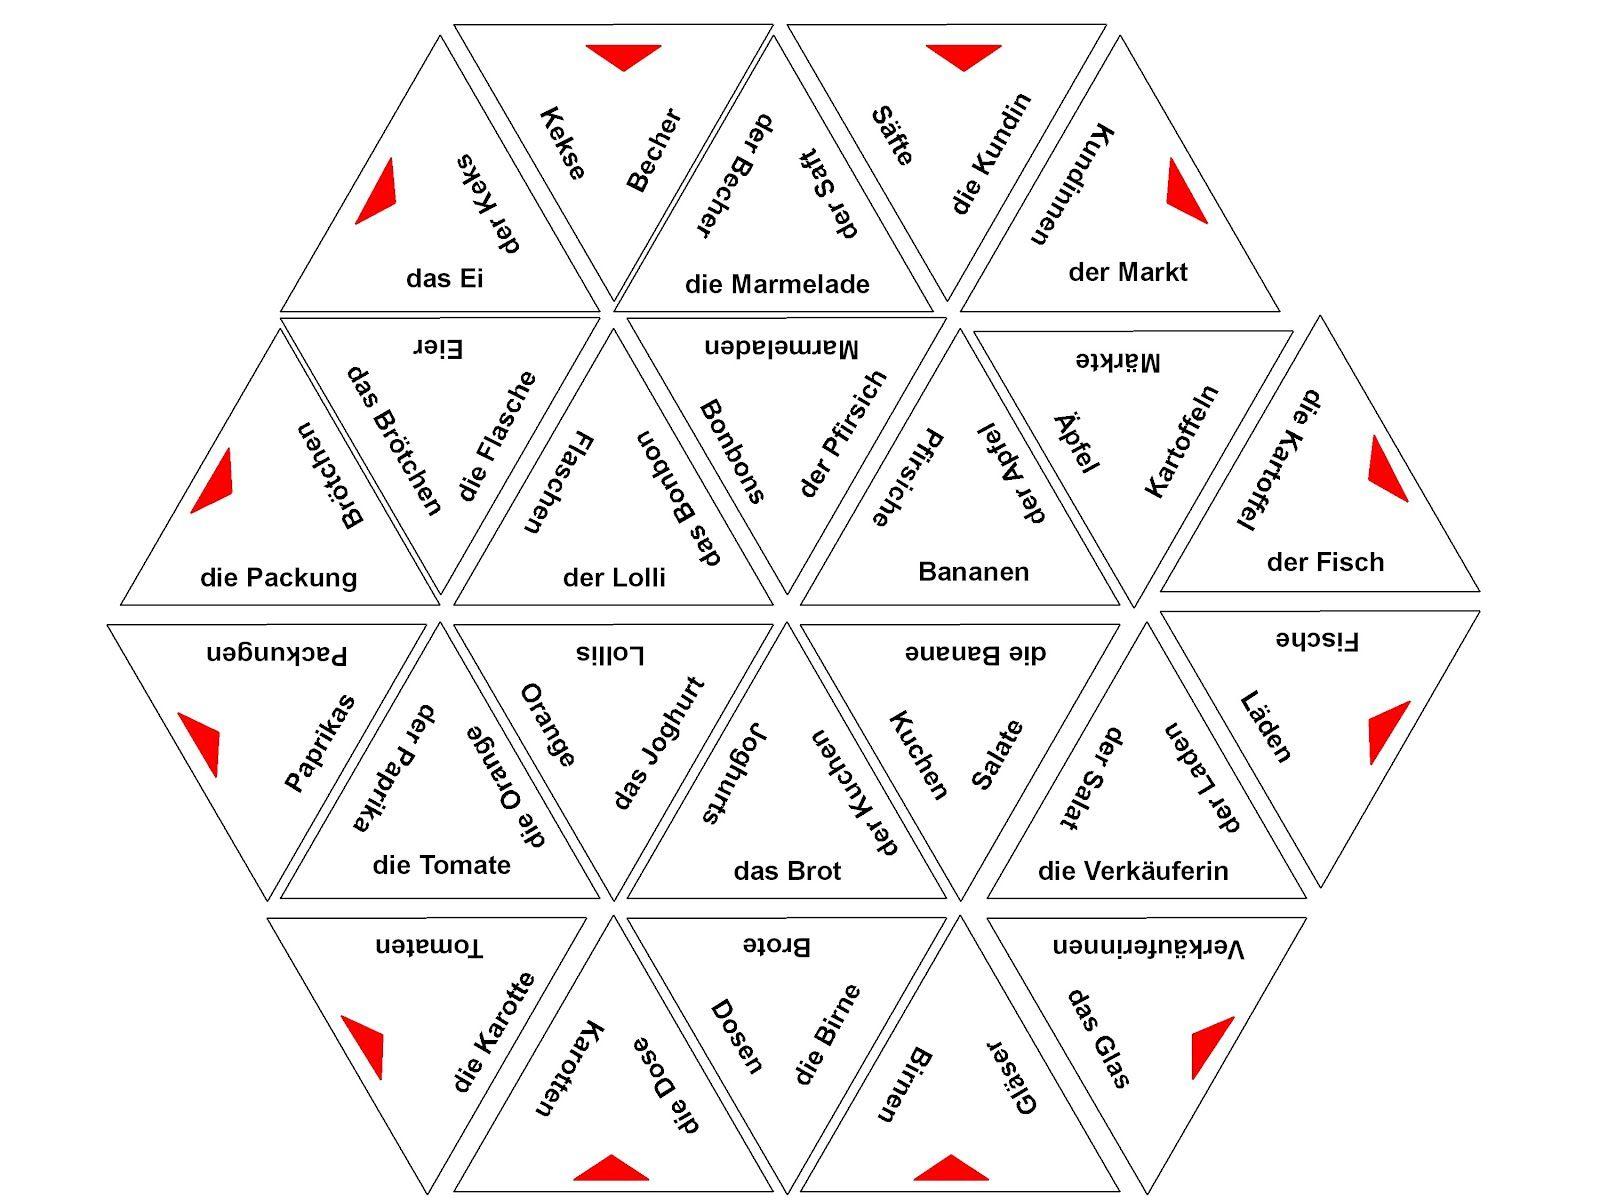 tangram spiel wortschatz einkaufen lebensmittel d a f pinterest wortschatz einkaufen. Black Bedroom Furniture Sets. Home Design Ideas